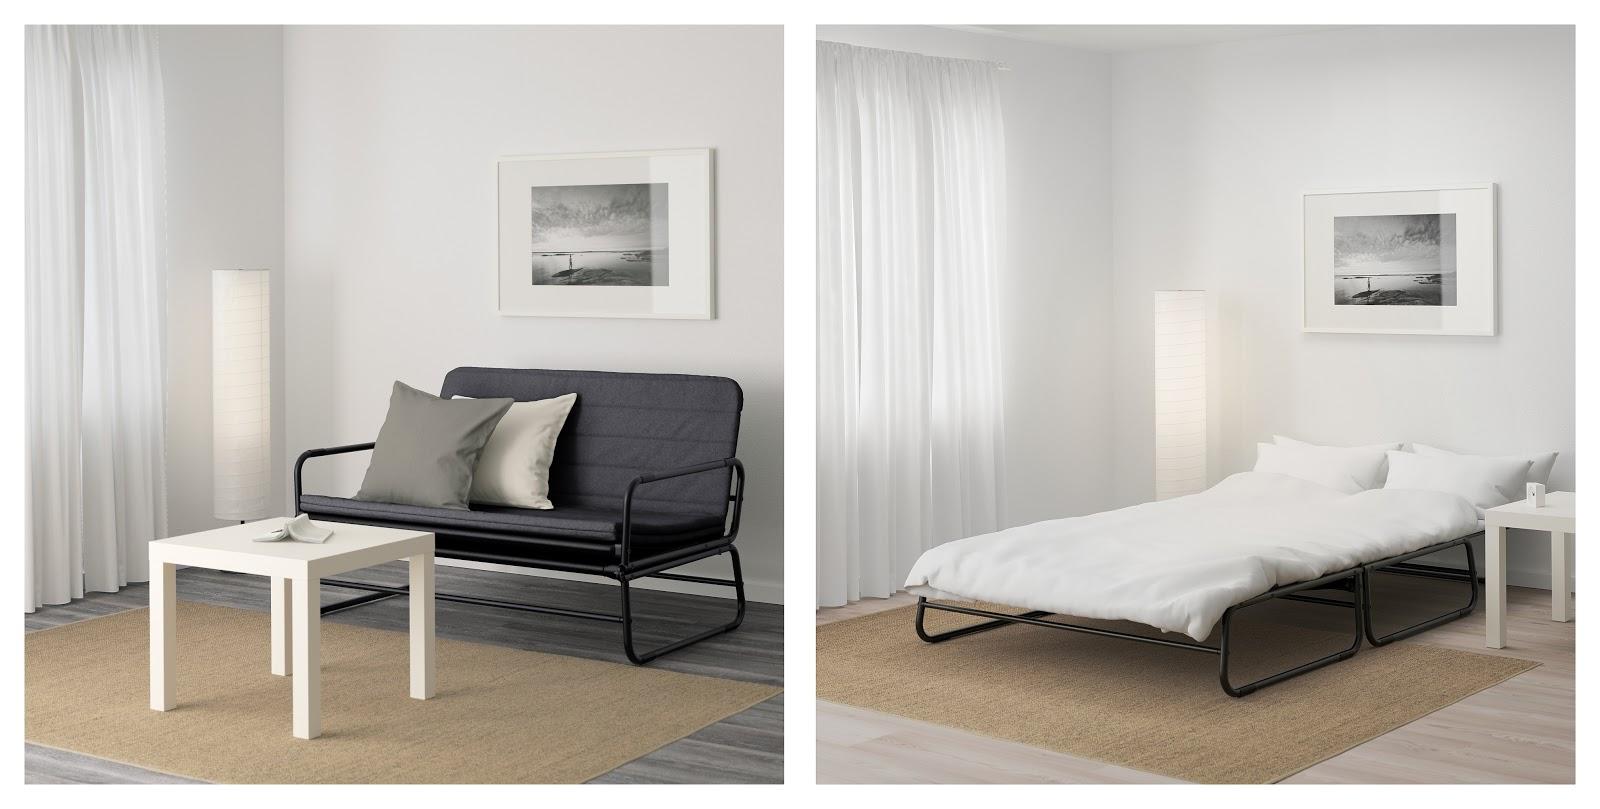 Sofa Rozkładana Do 1000 Zł Wnętrza Zewnętrza Blog Wnętrzarski